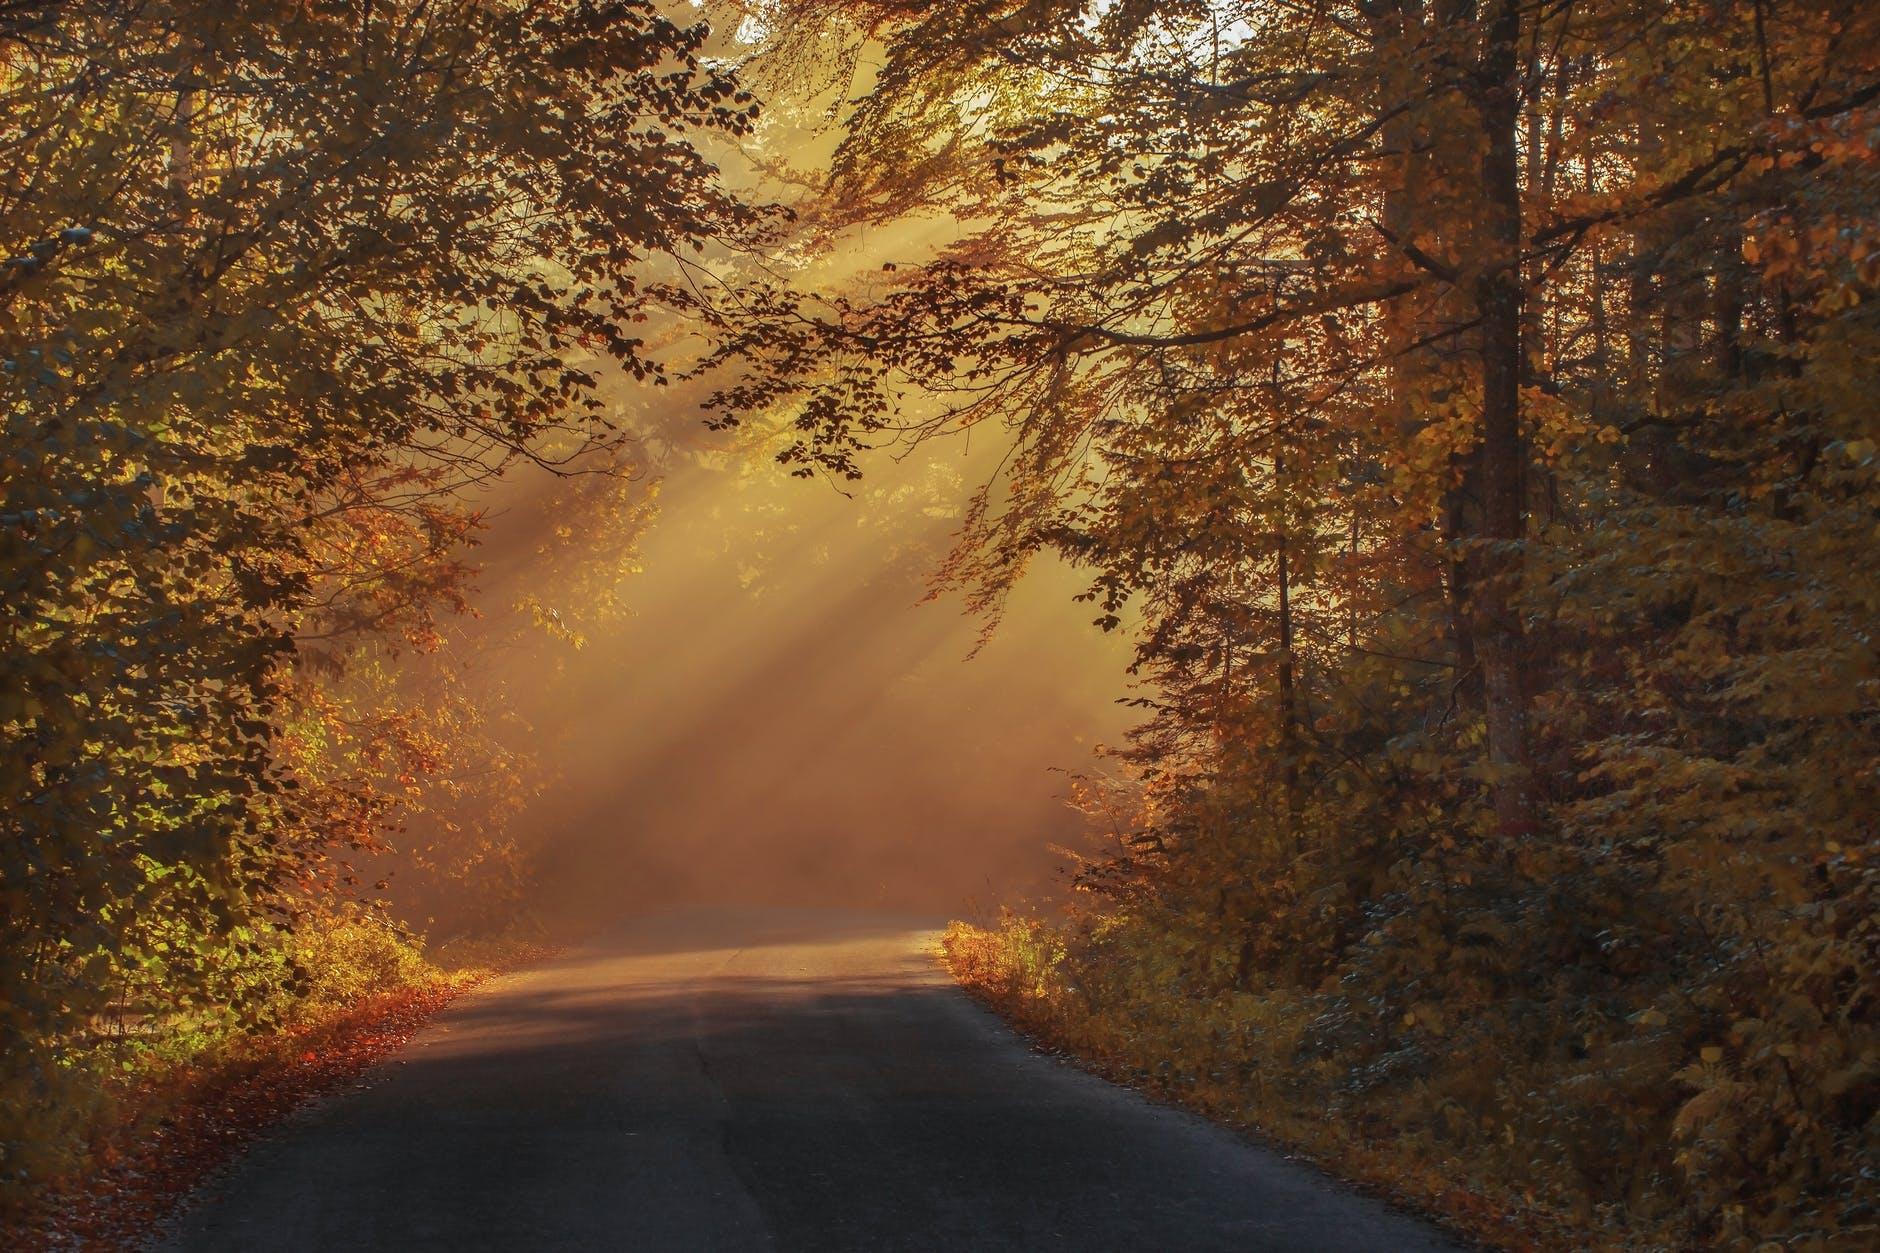 gray asphalt road in between brown orange leaf trees during daytime